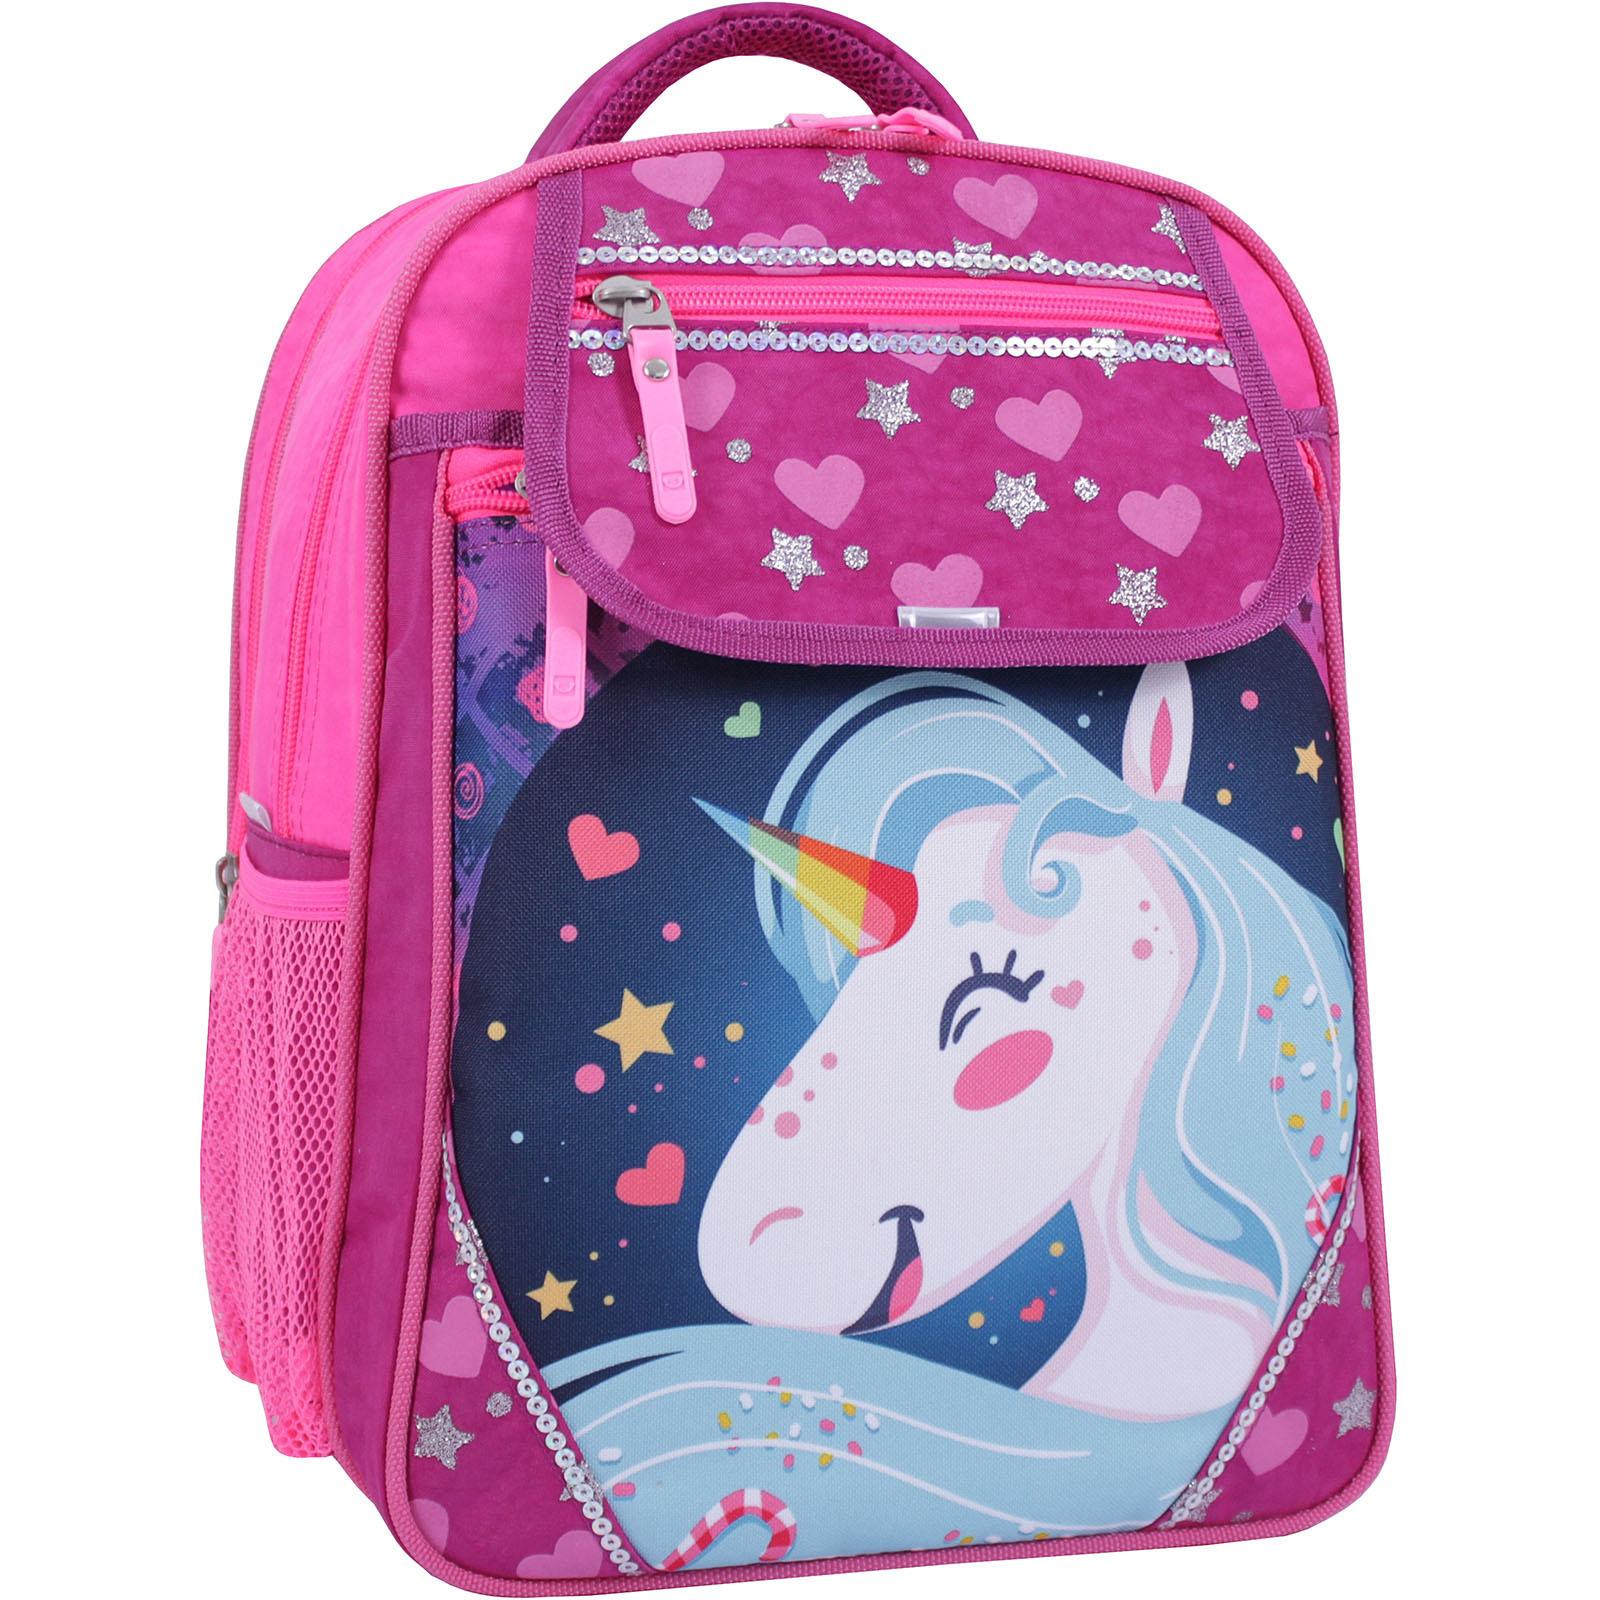 Детские рюкзаки Рюкзак школьный Bagland Отличник 20 л. 143 малина 504 (0058070) IMG_1304_суб.504_.JPG